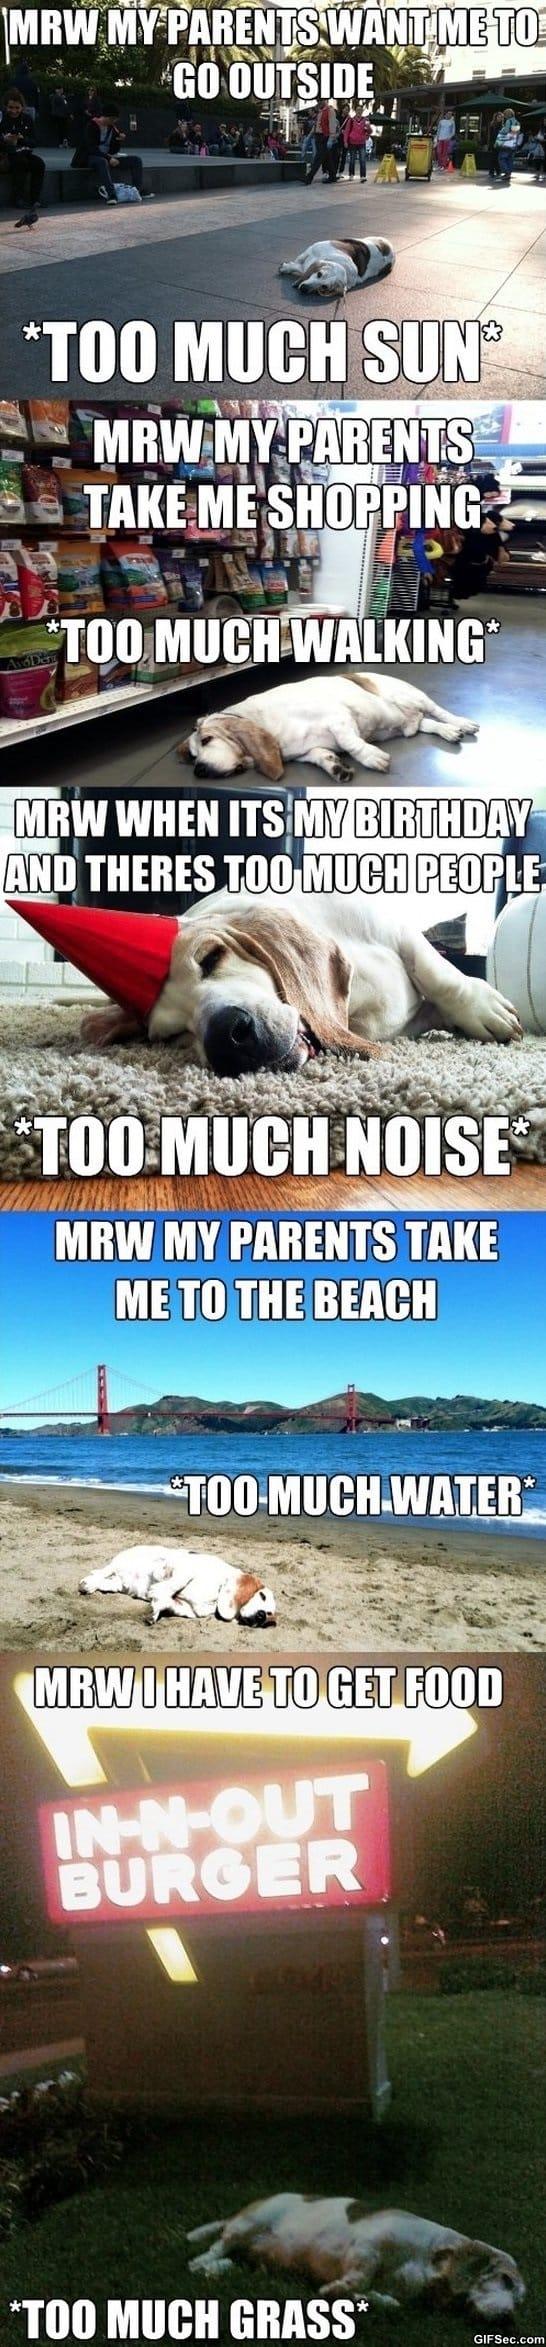 funny-pics-struggles-meme